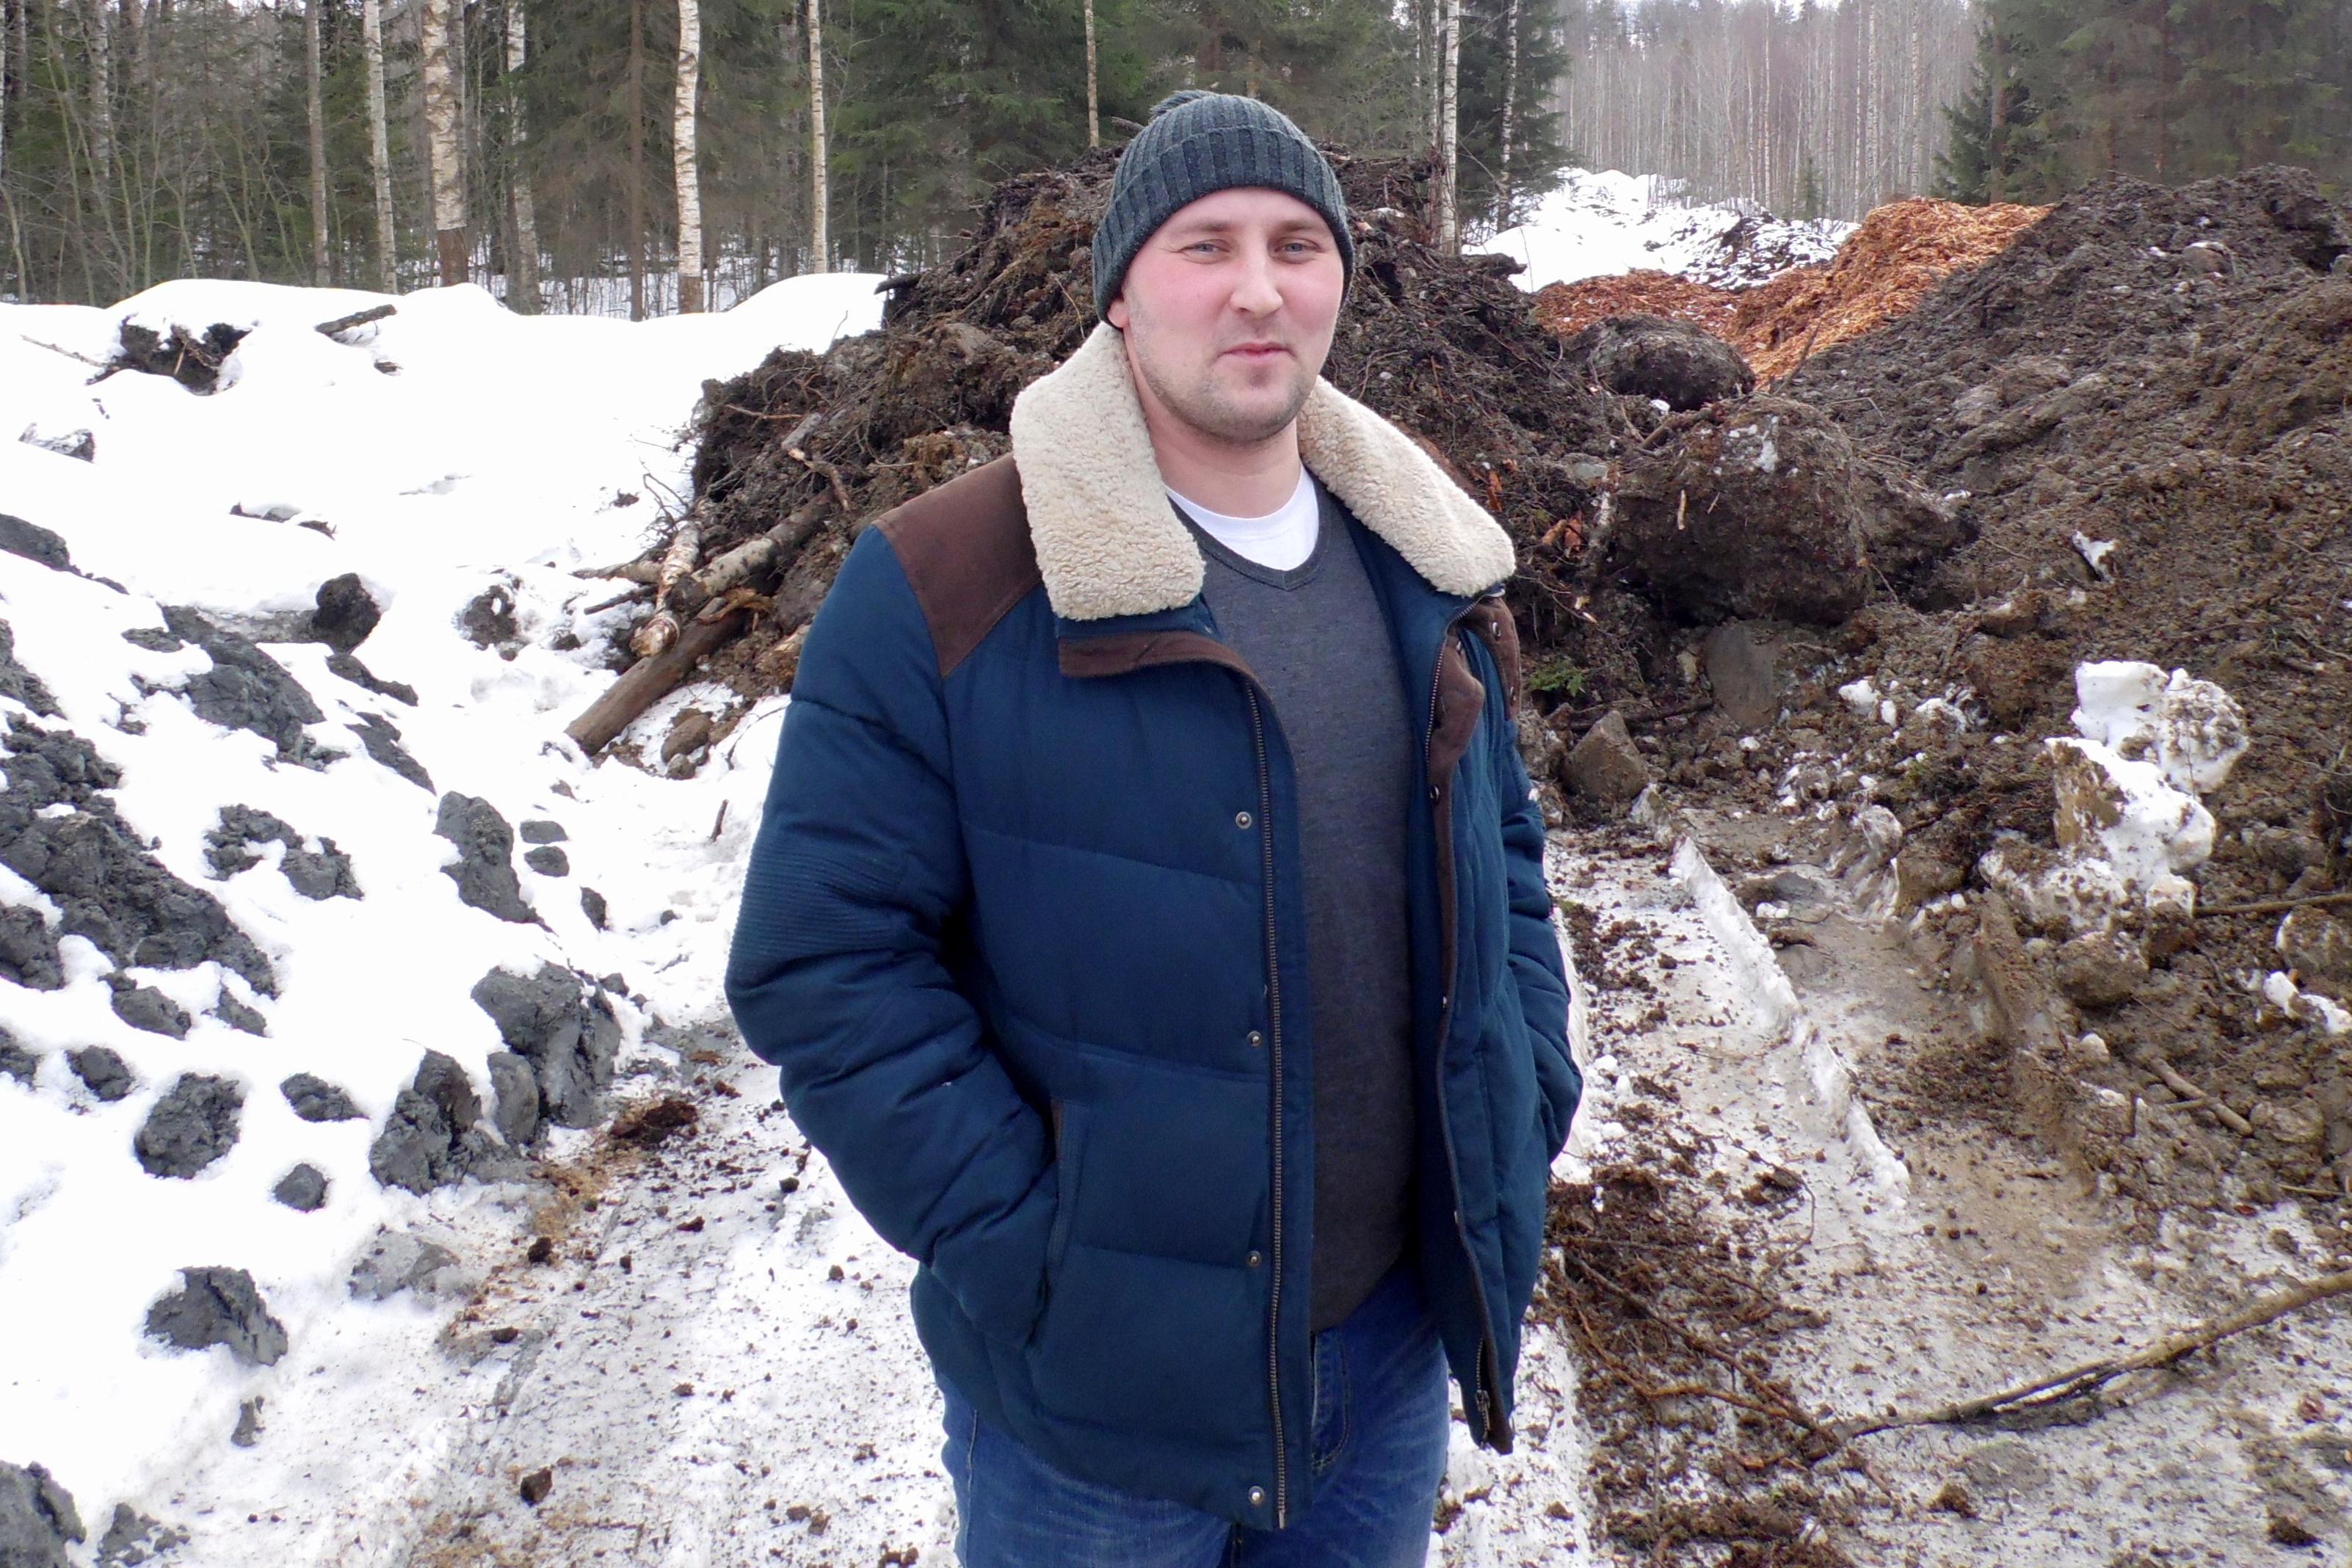 Господин Захаров - человек известный в определенных кругах. Фото: Алексей Владимиров